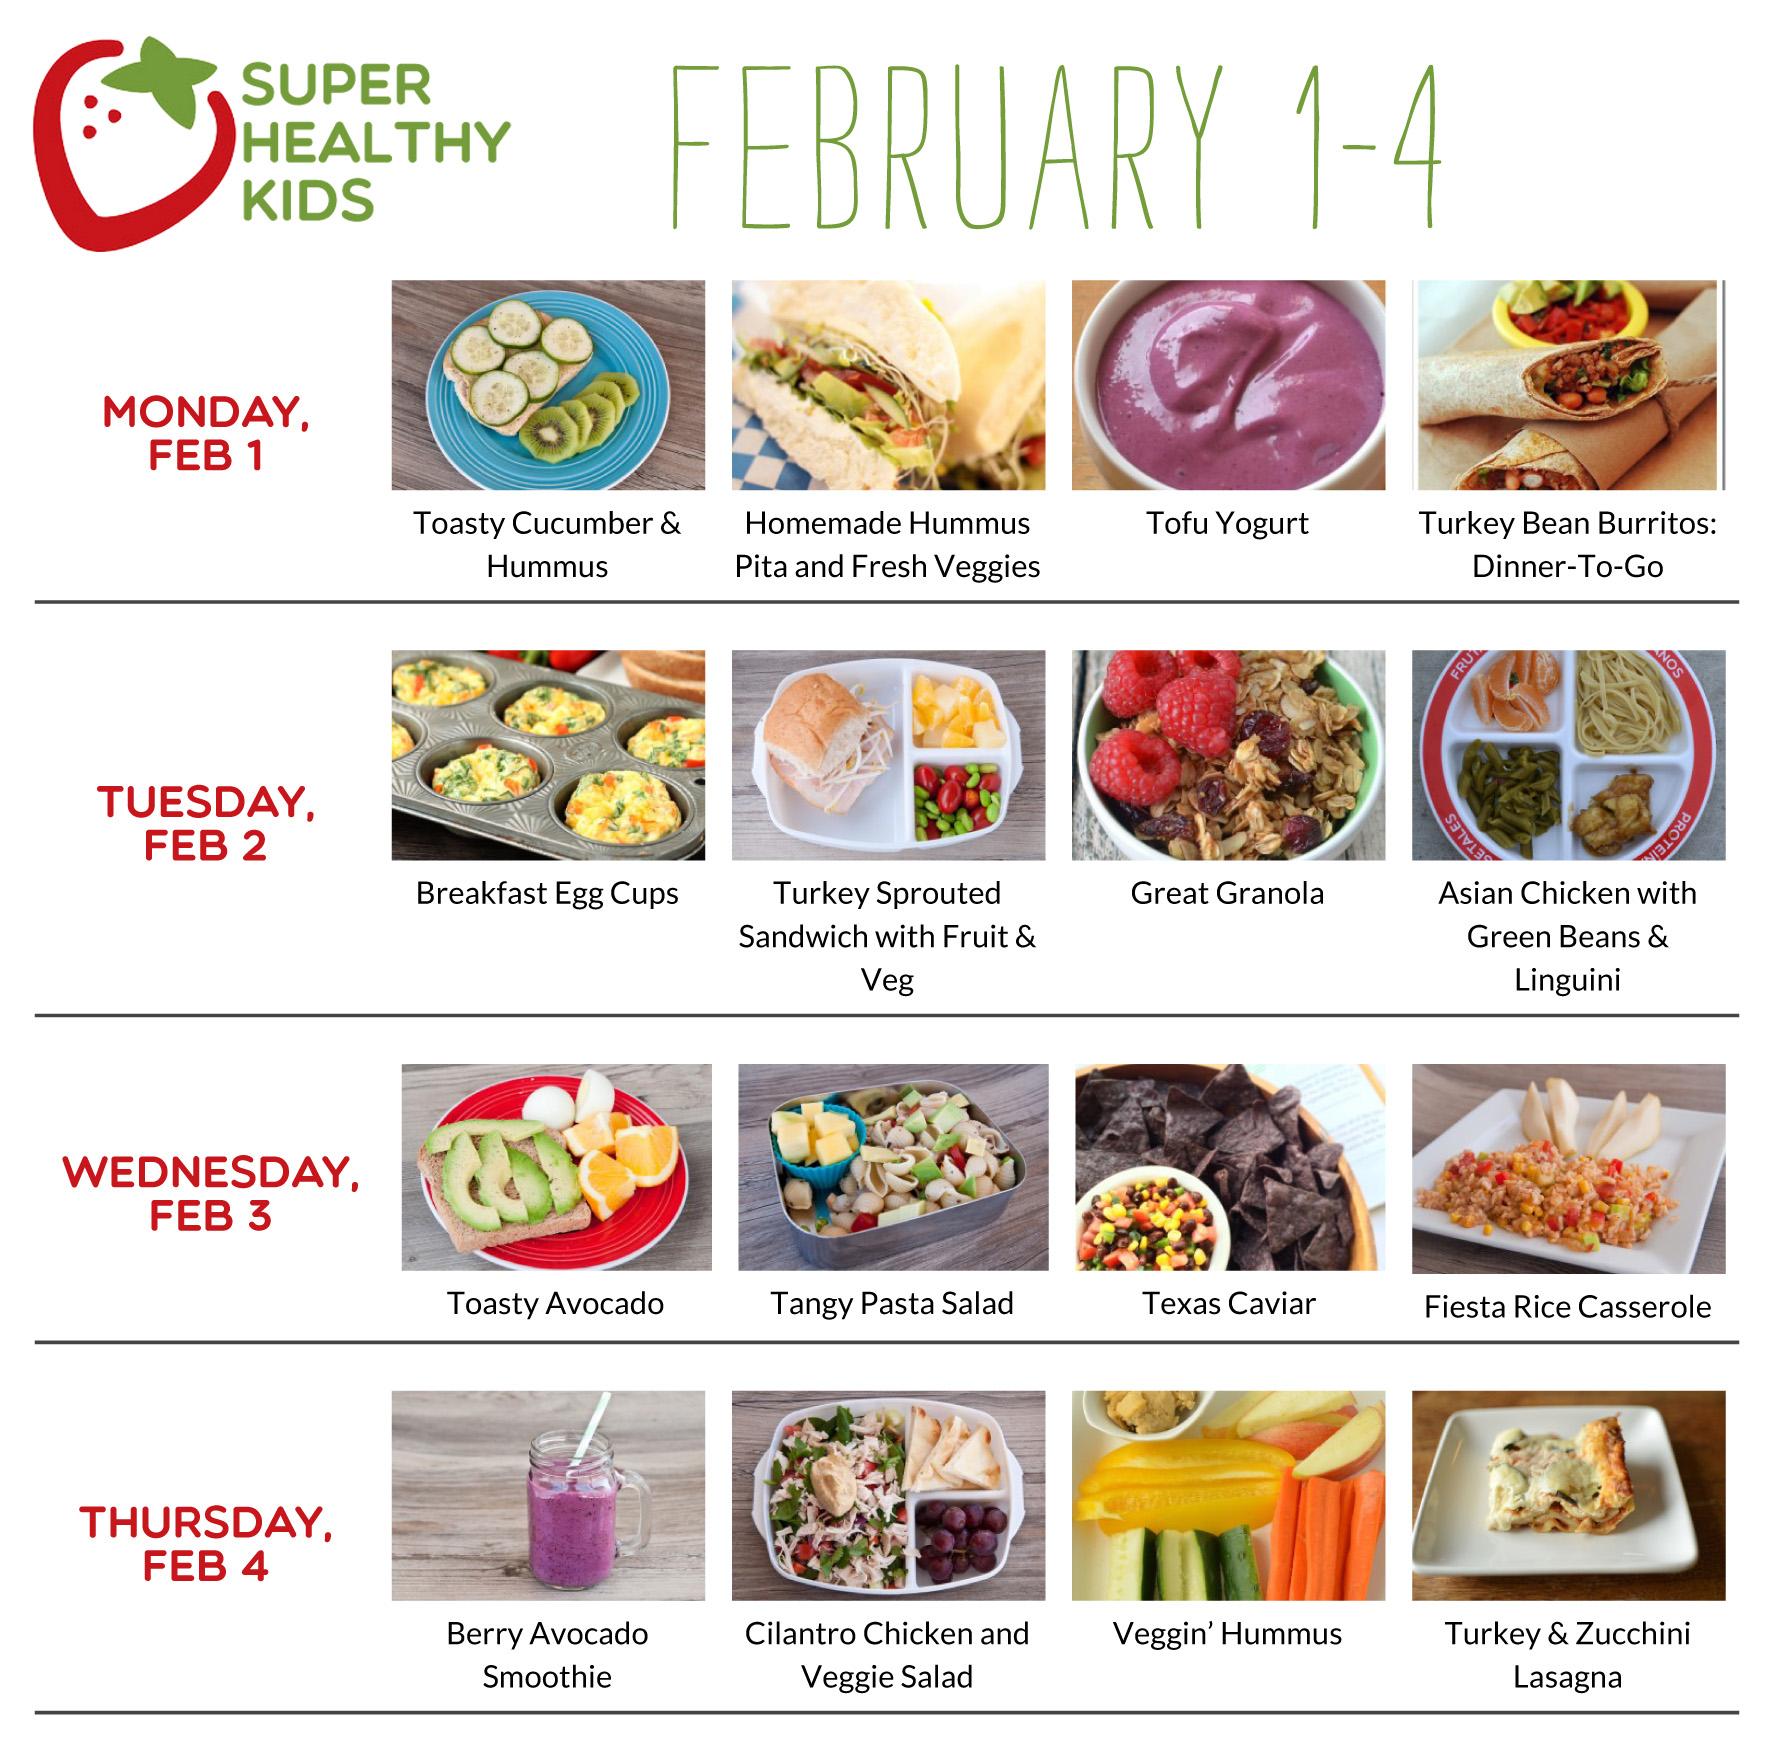 February 1-7 | Super Healthy Kids